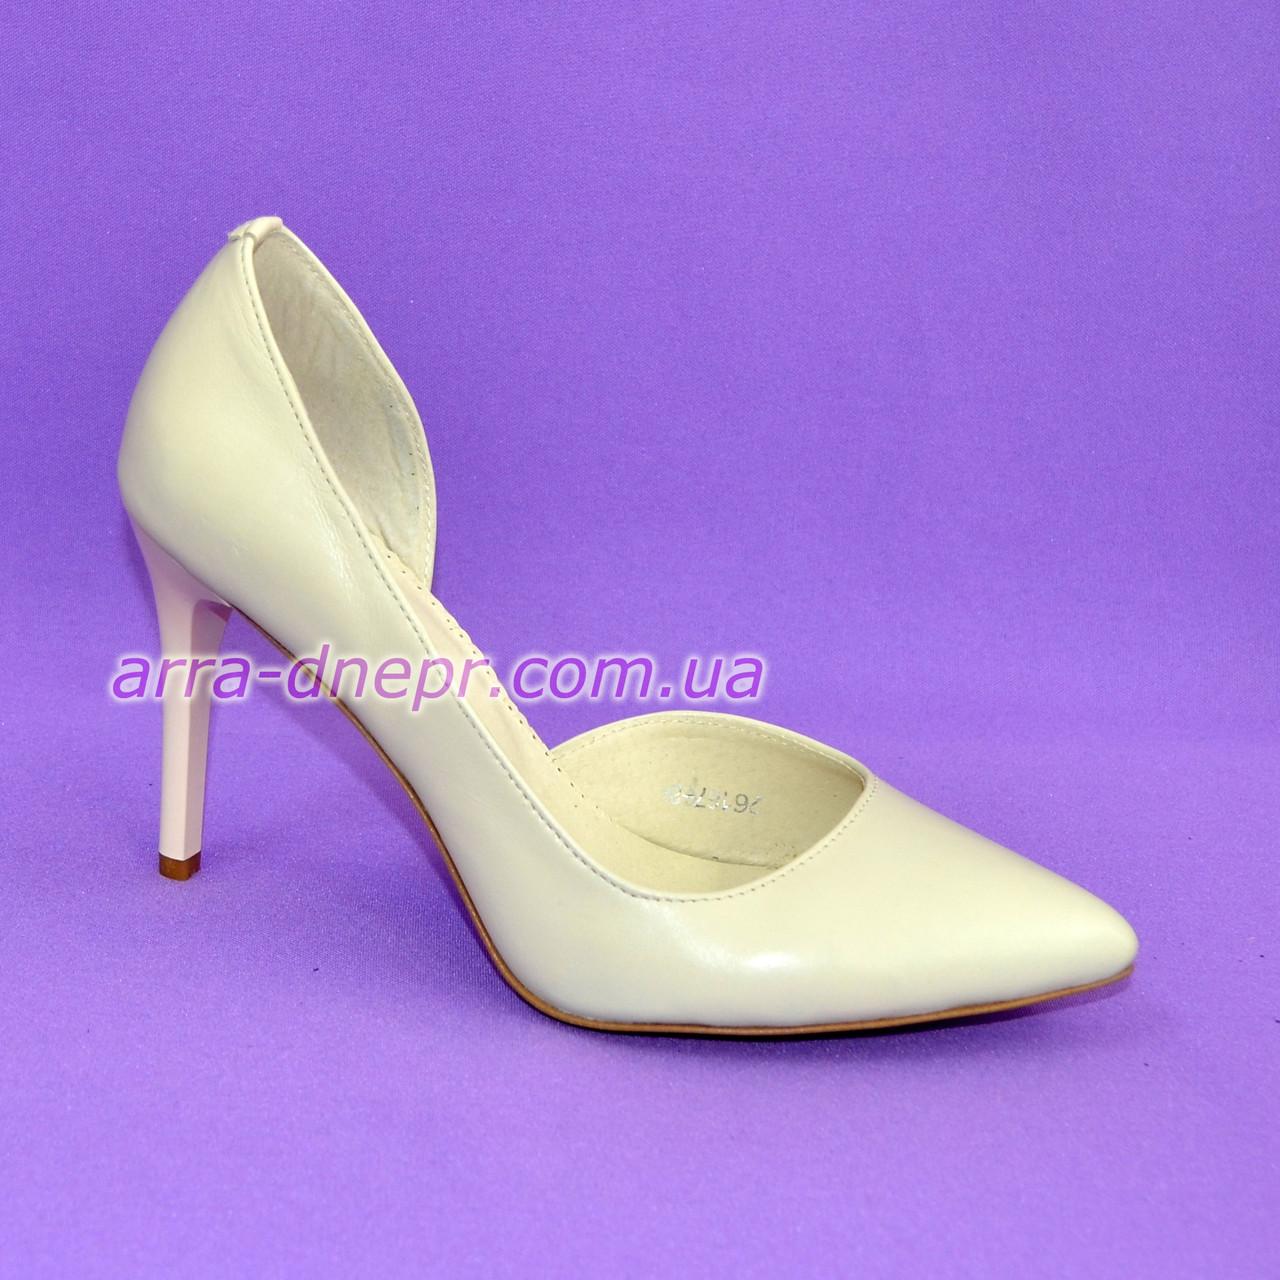 e949b78f1 Стильные женские туфли на шпильке, натуральная кожа бежевого цвета ...